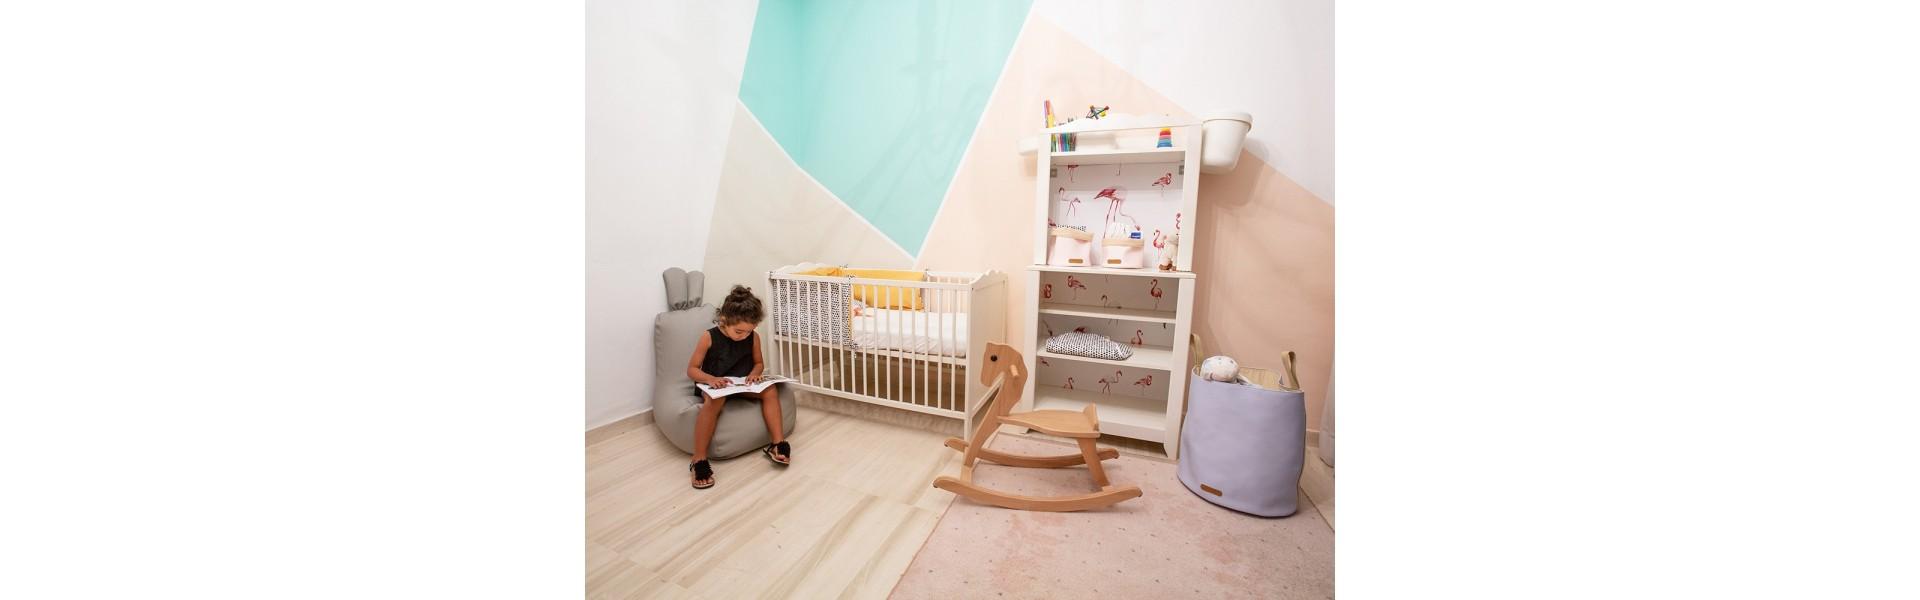 Décoration Chambre enfant - Primanata, achat pour enfant